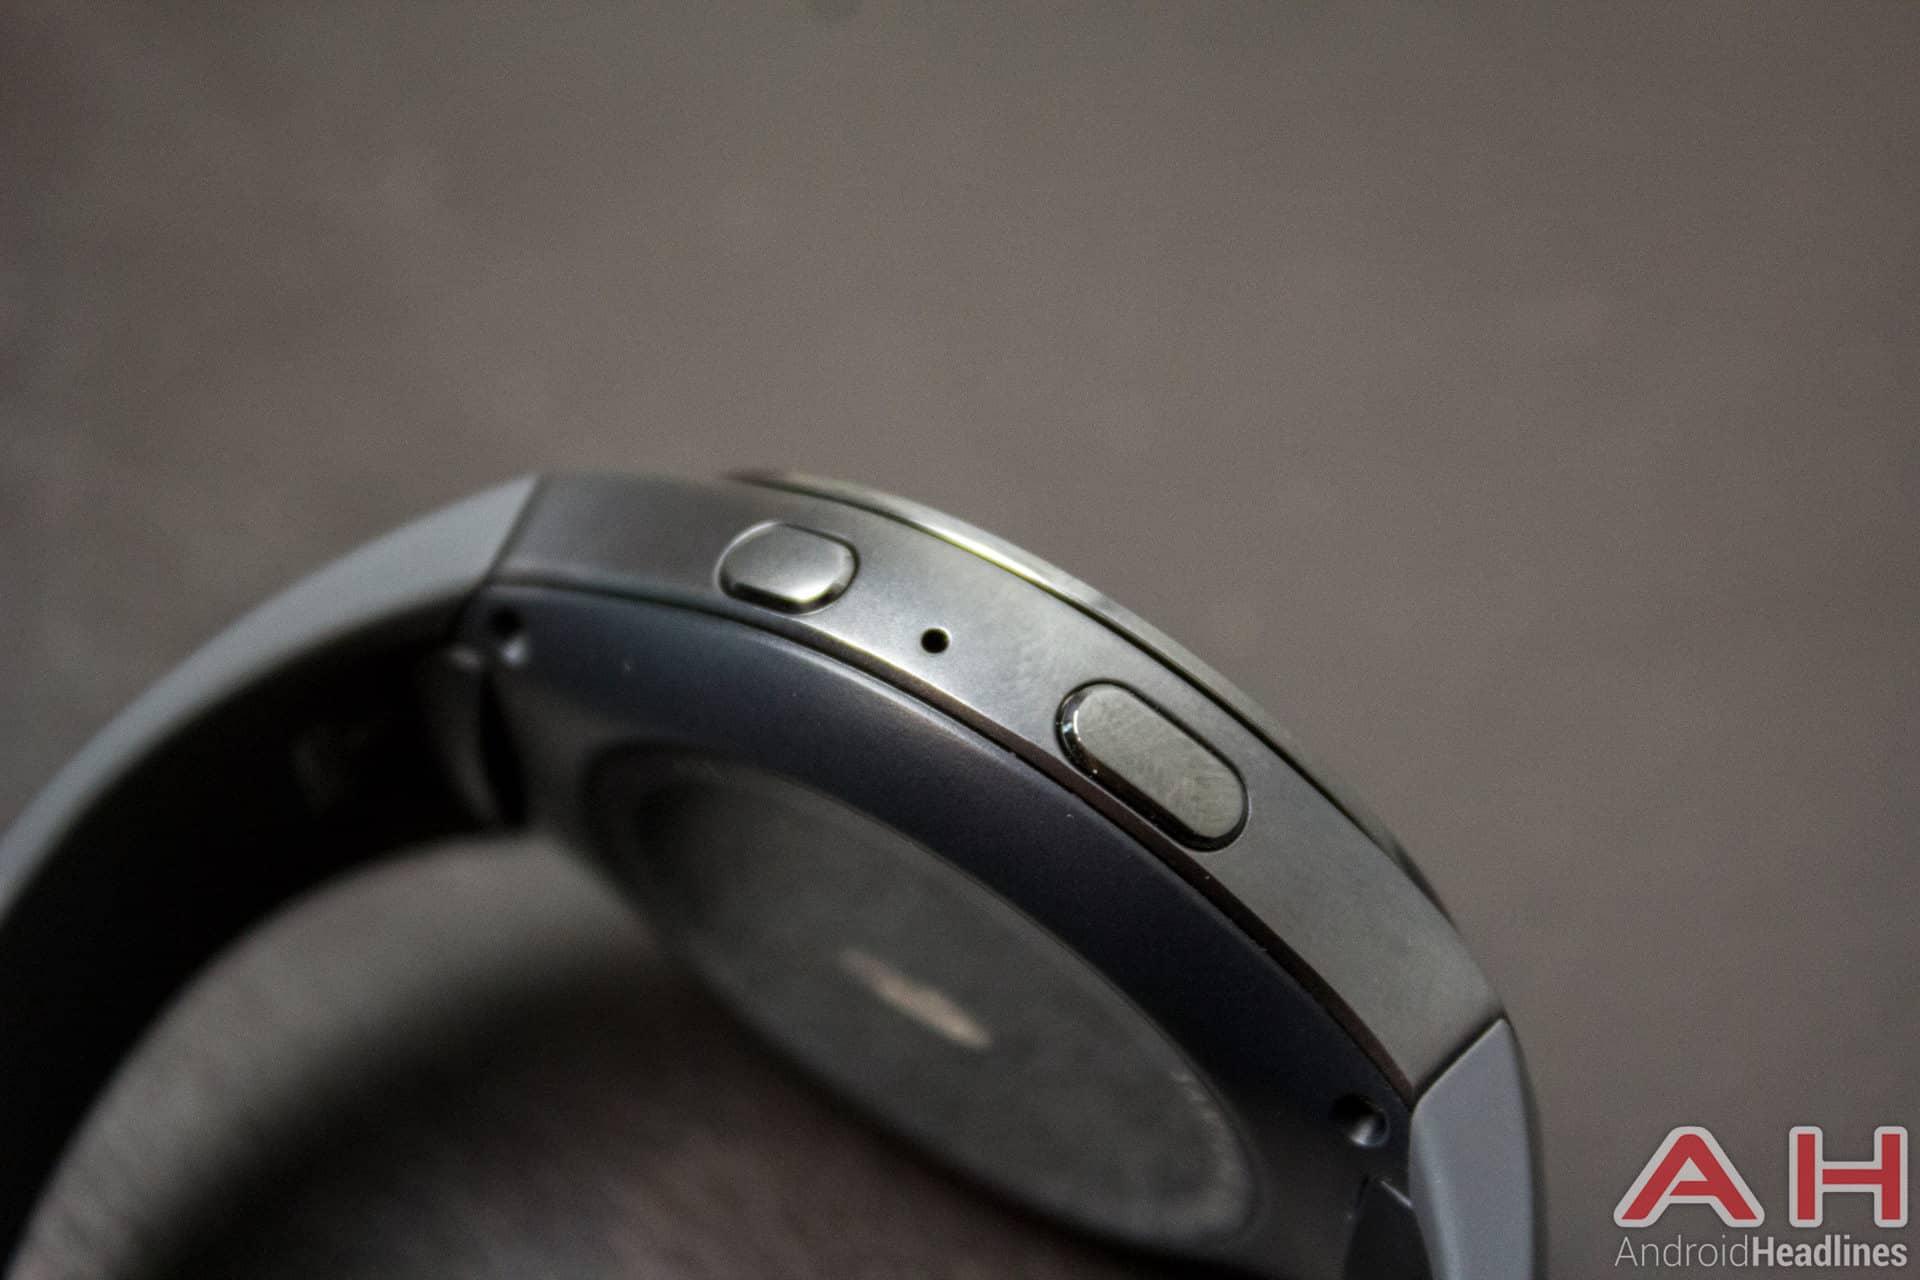 Samsung Gear S2 AH buttons 2